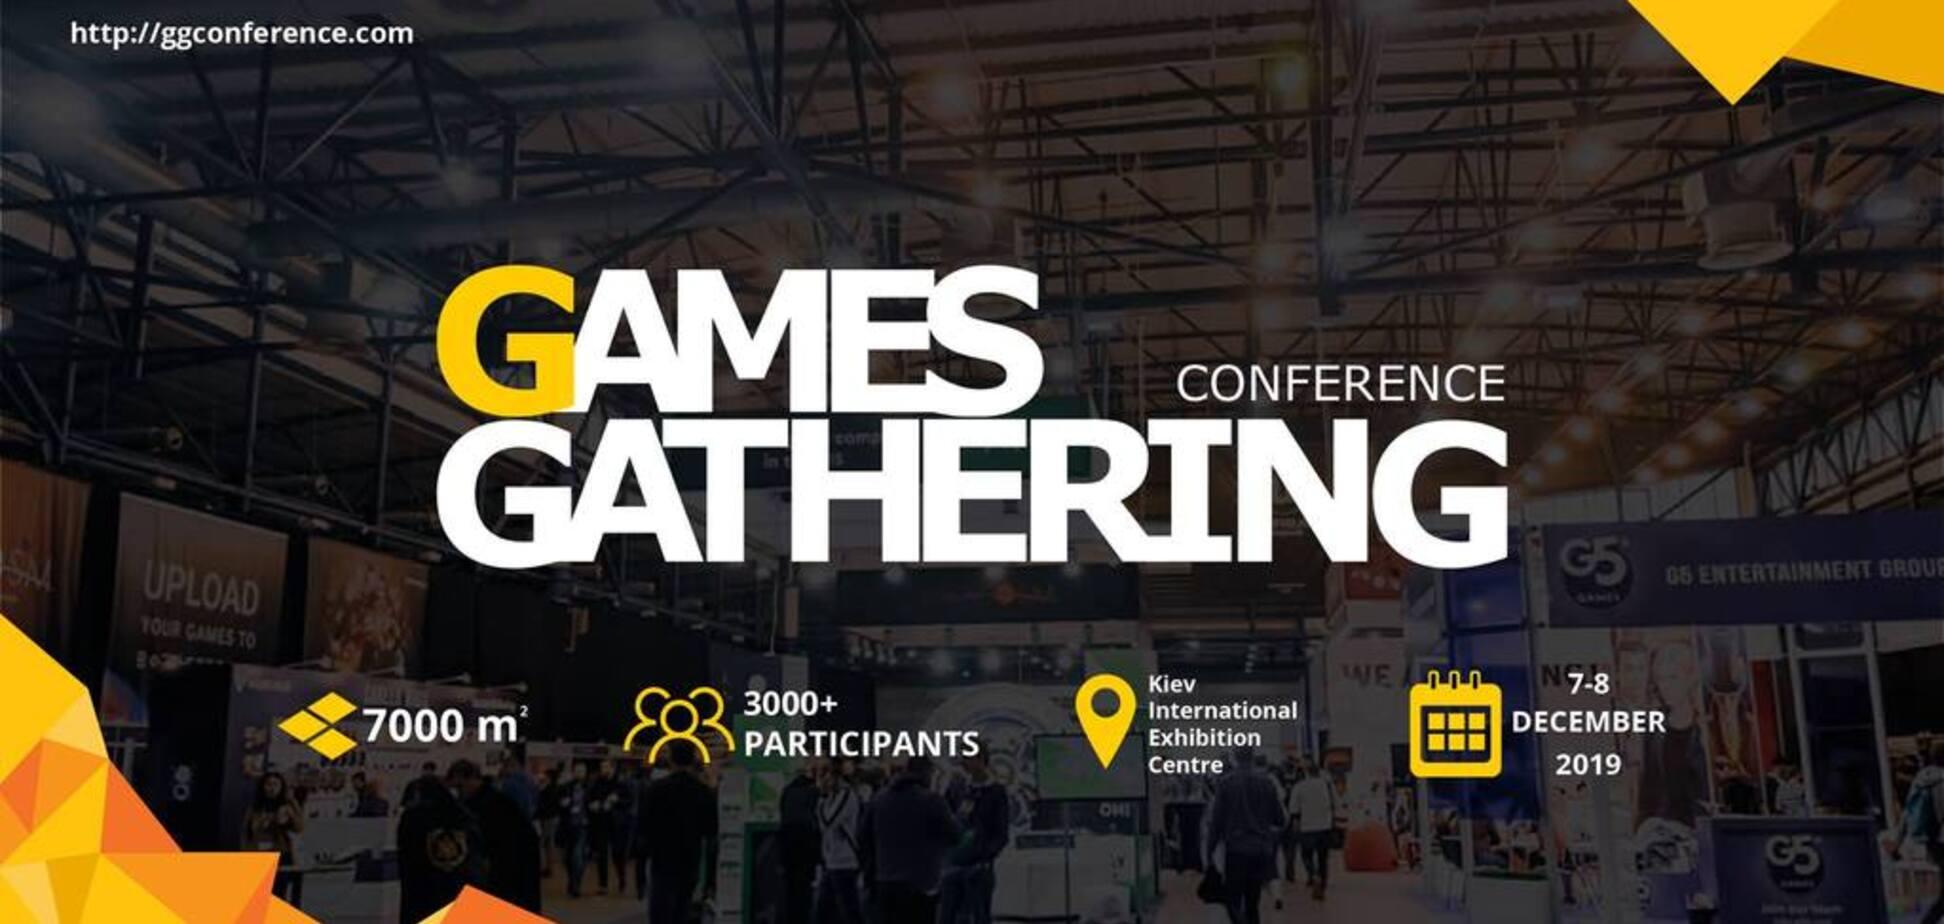 В Киеве состоится конференция Games Gathering Conference